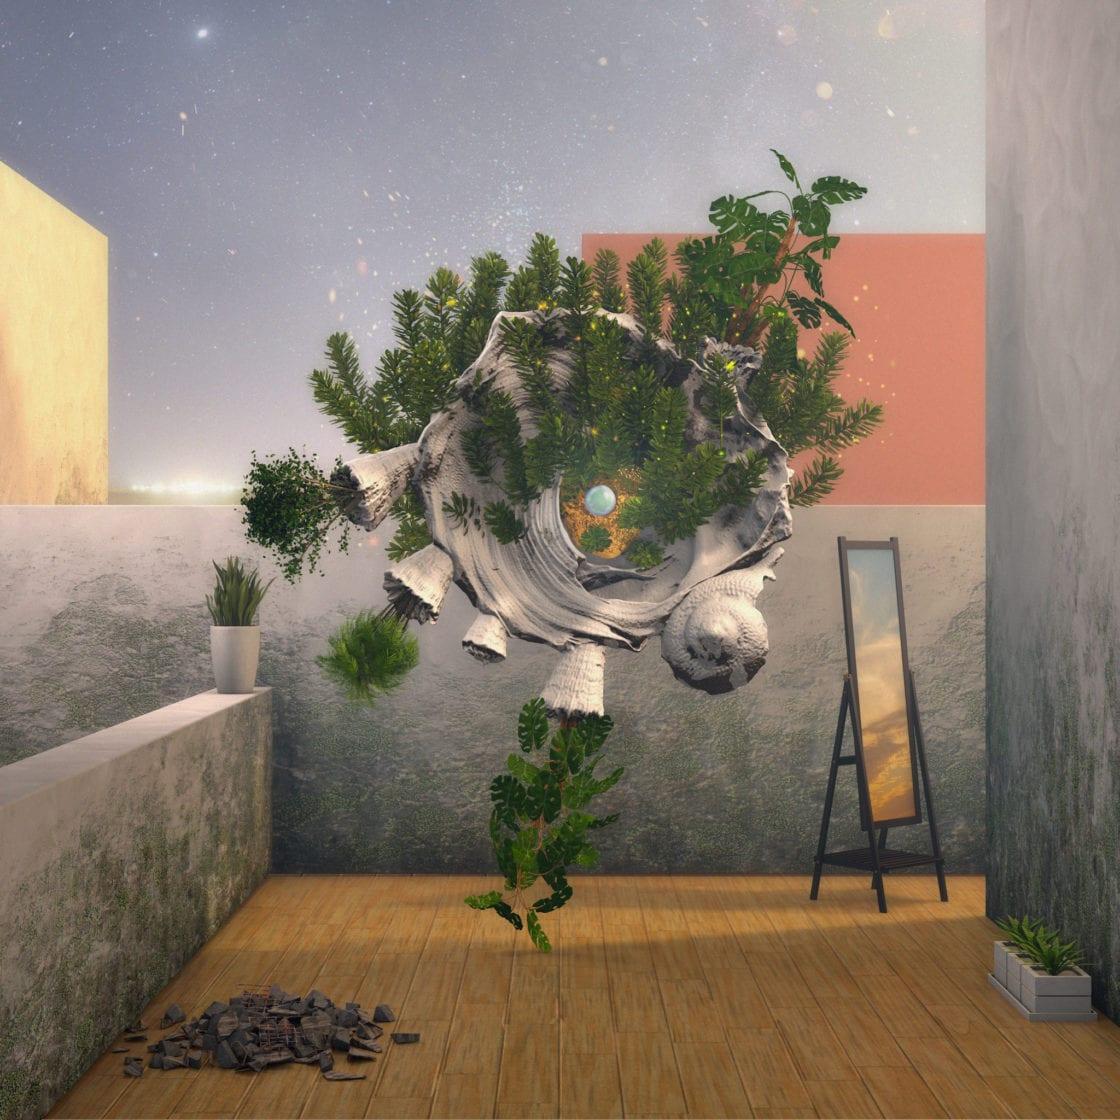 la-casa-kitsch-012-el-espectro-santasombra-victor-ruano